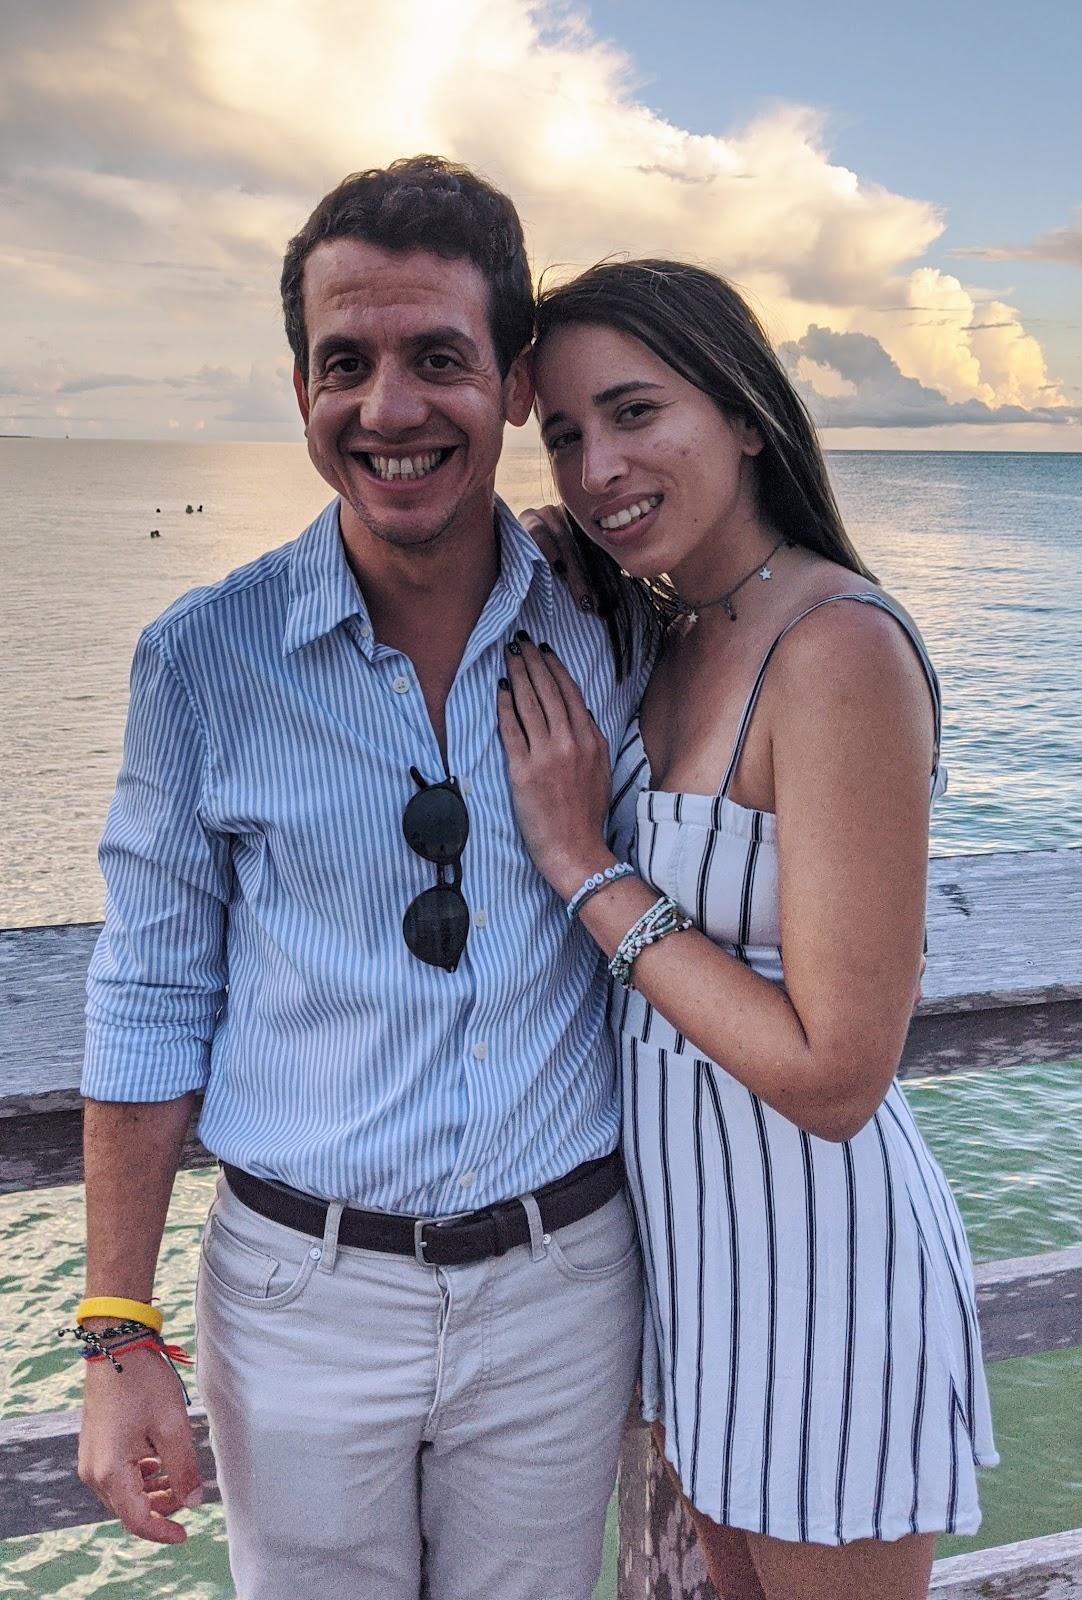 נייפלס פלורידה ווינווד מיאמי רילוקיישן חוויה